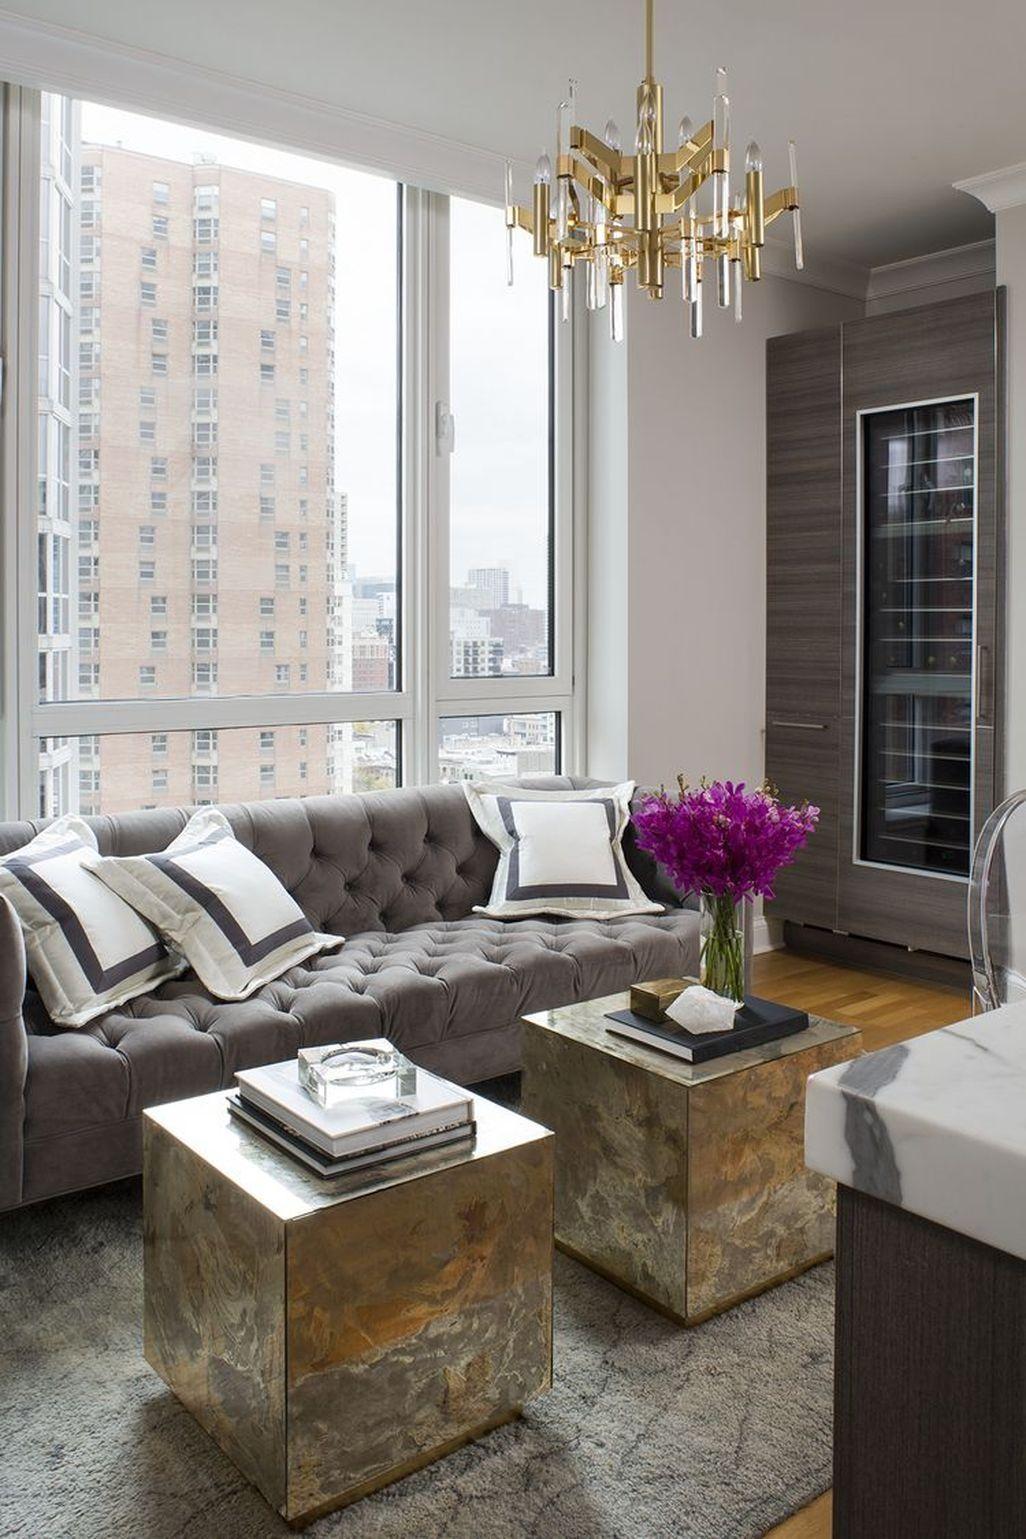 Luxury And Elegant Living Room Design 25 Elegant Living Room Design Bedroom Design Styles Glamour Living Room Living room decor styles